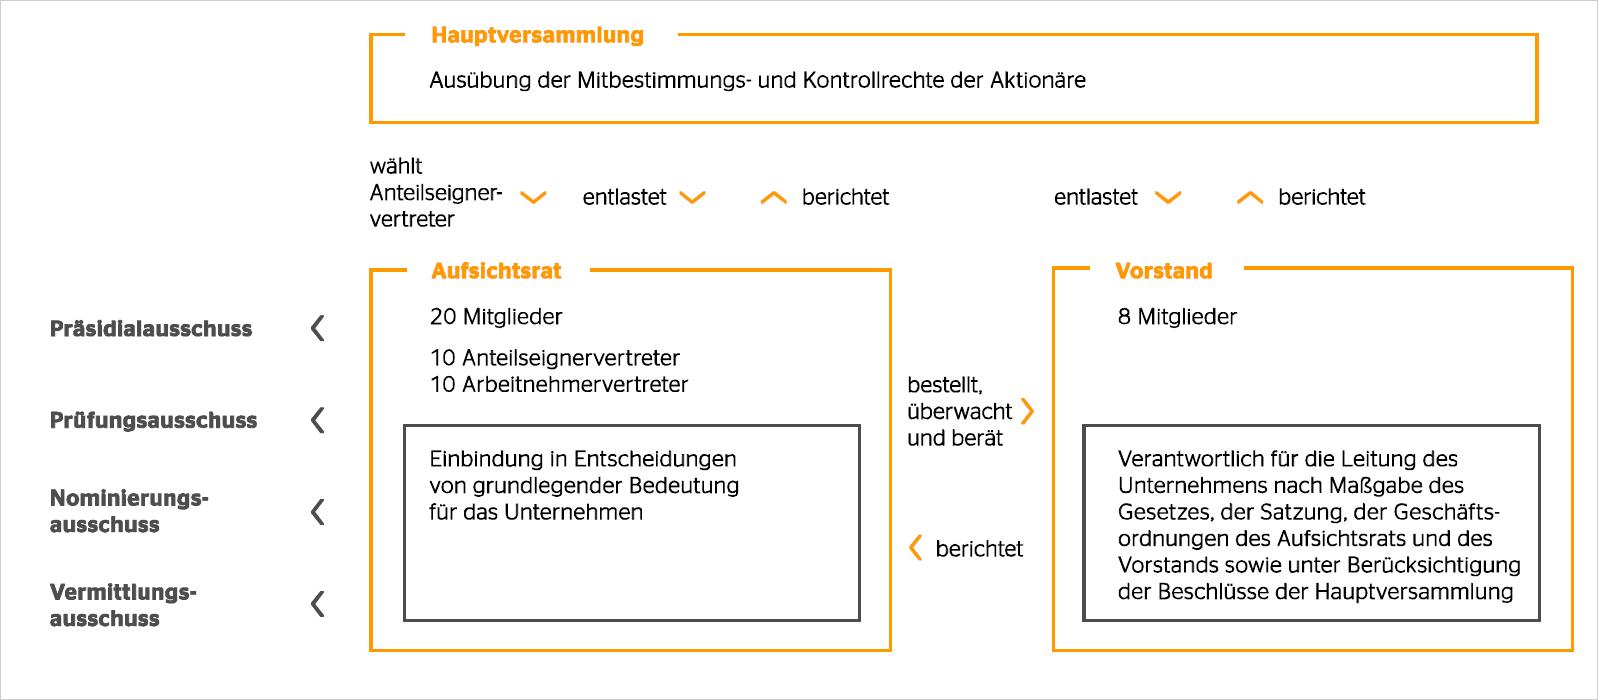 Niedlich Neues Aktualisiertes Lebenslauf Modell Galerie - Beispiel ...